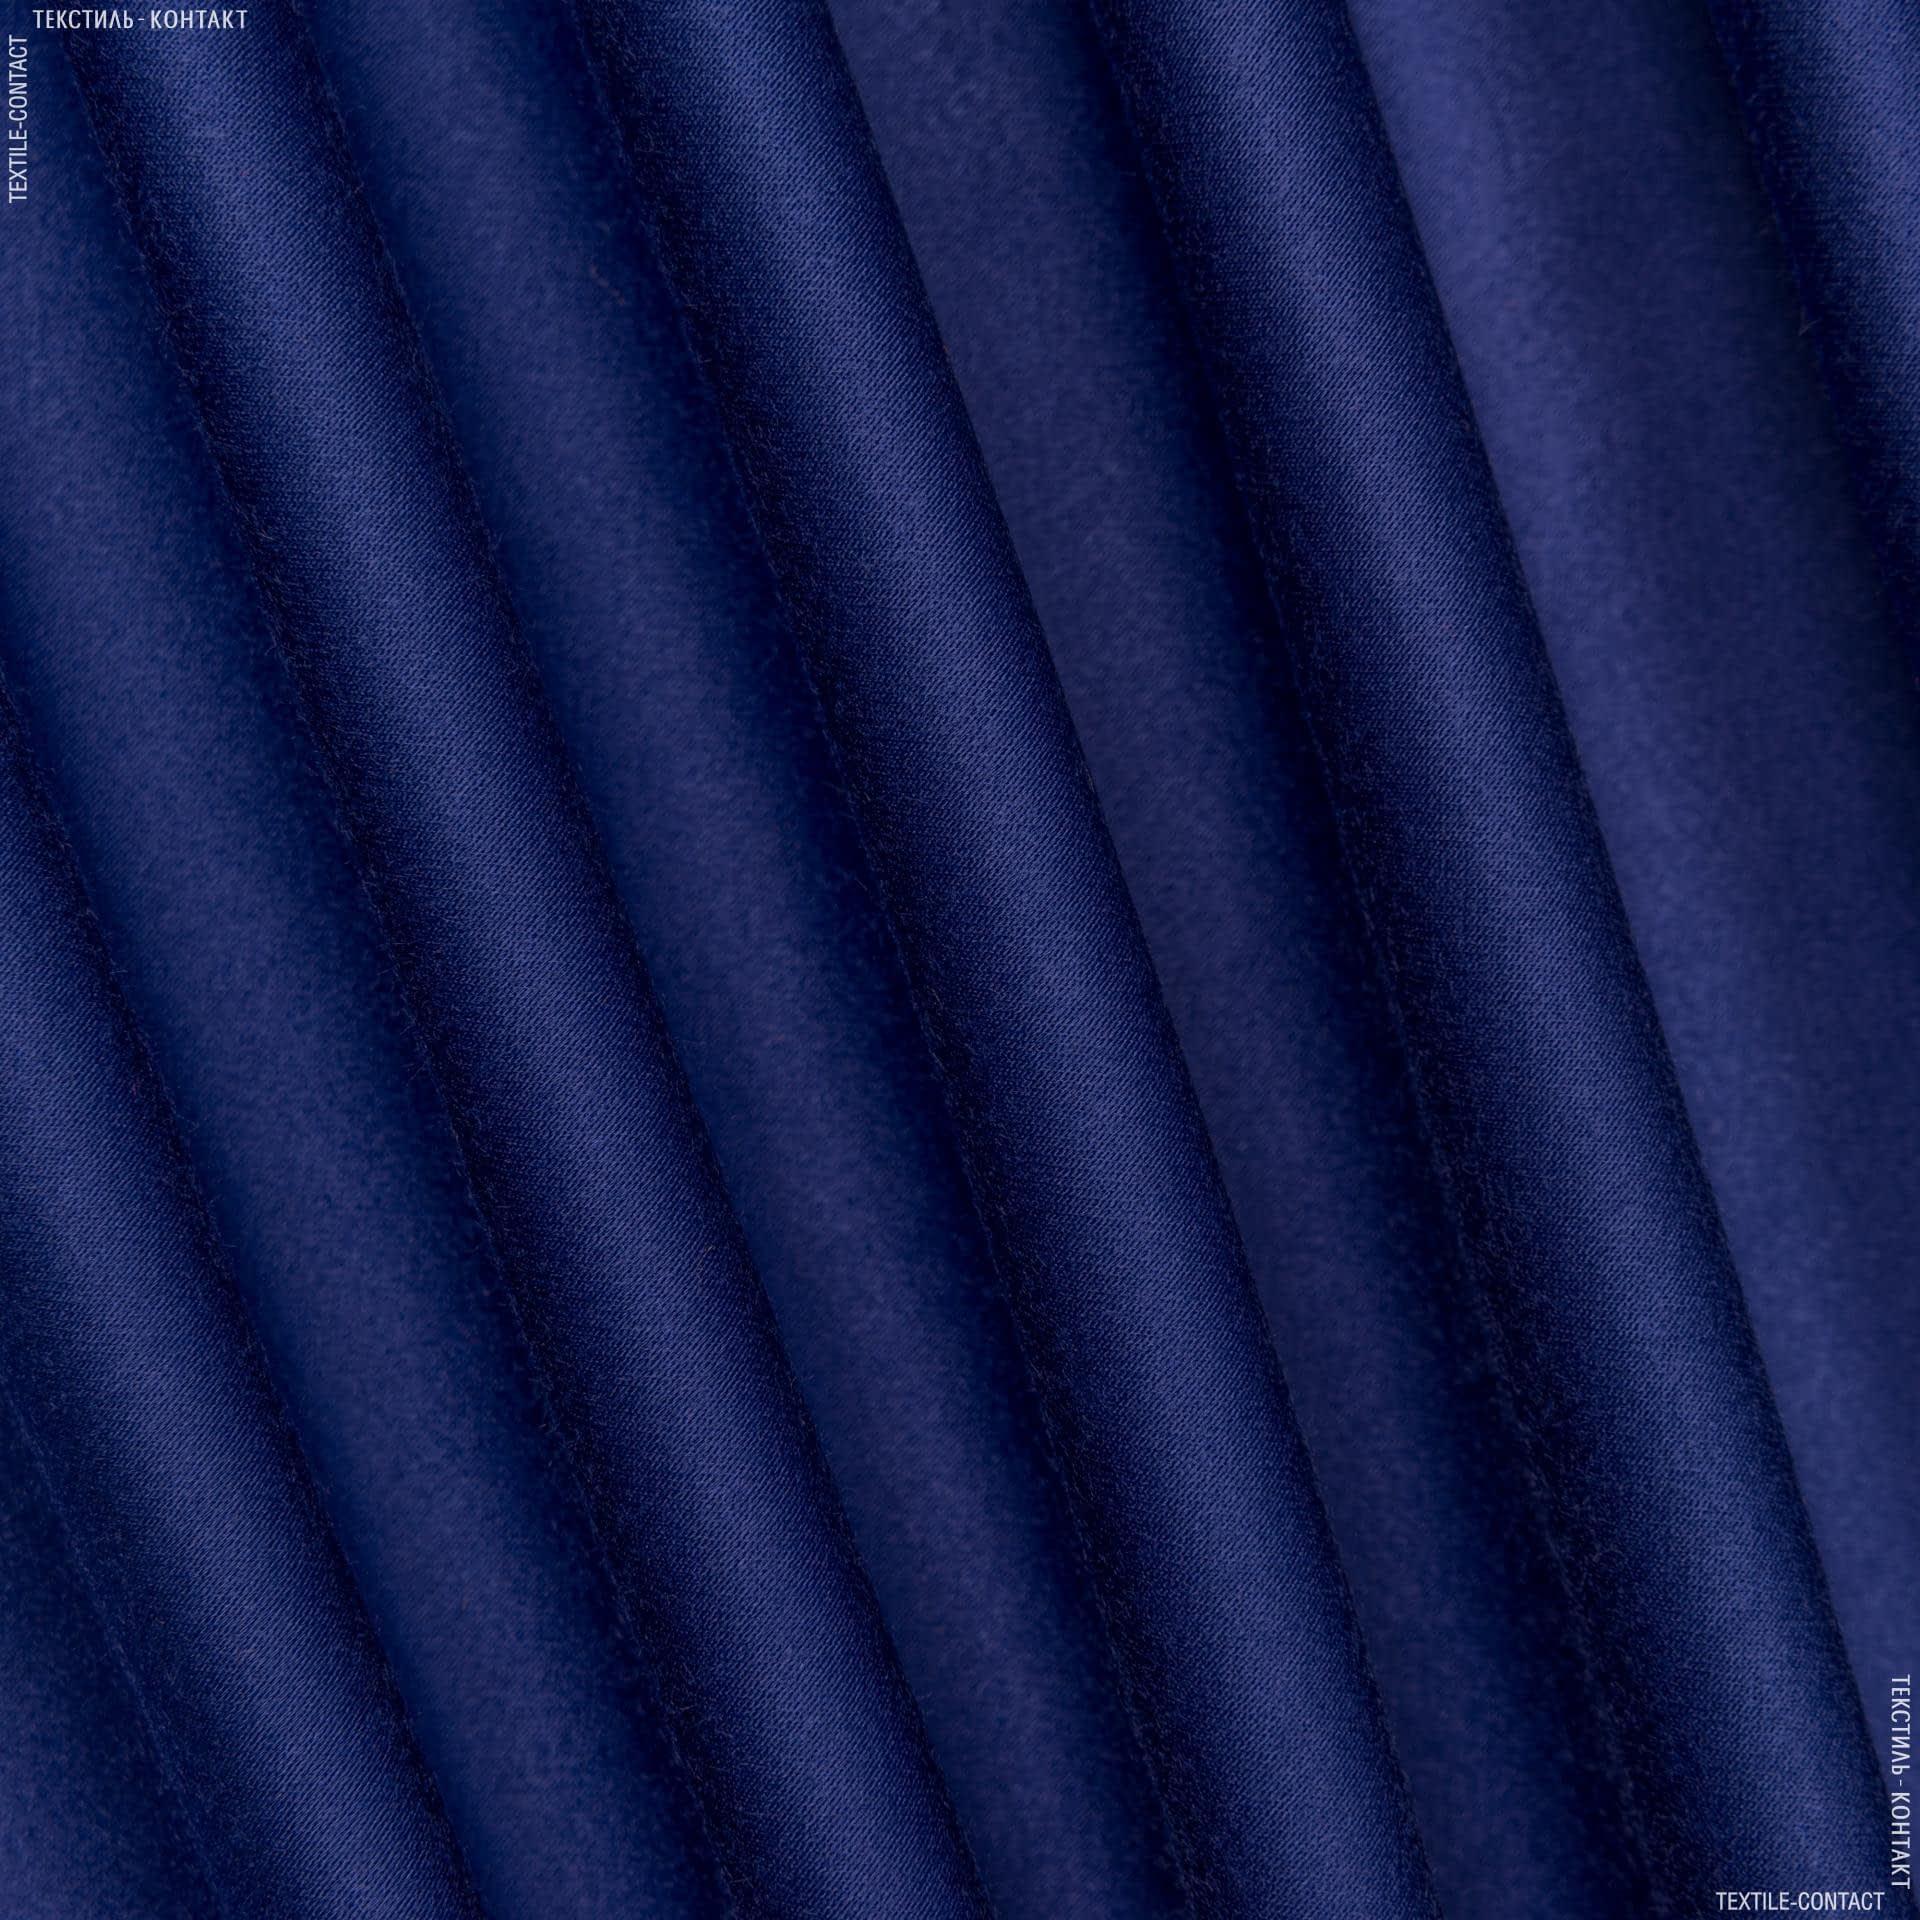 Тканини для костюмів - Костюмний сатин віскозний електрик